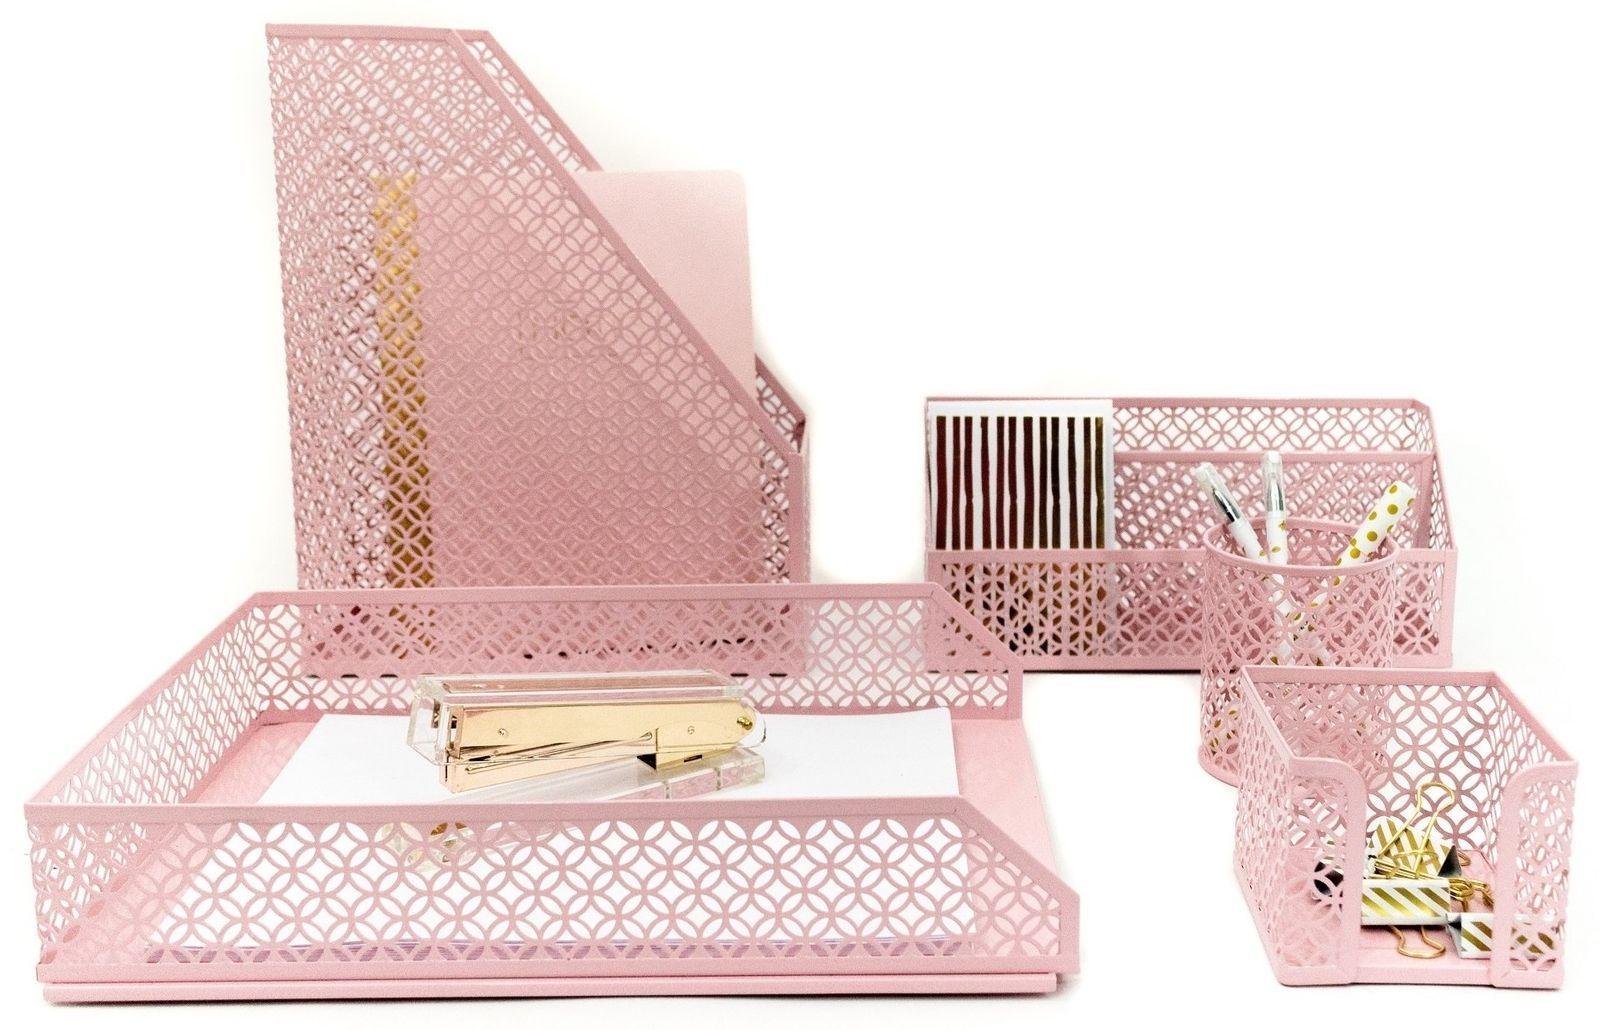 Blu Monaco Pink Desk Organizer for Women 34 Piece Accessories Set